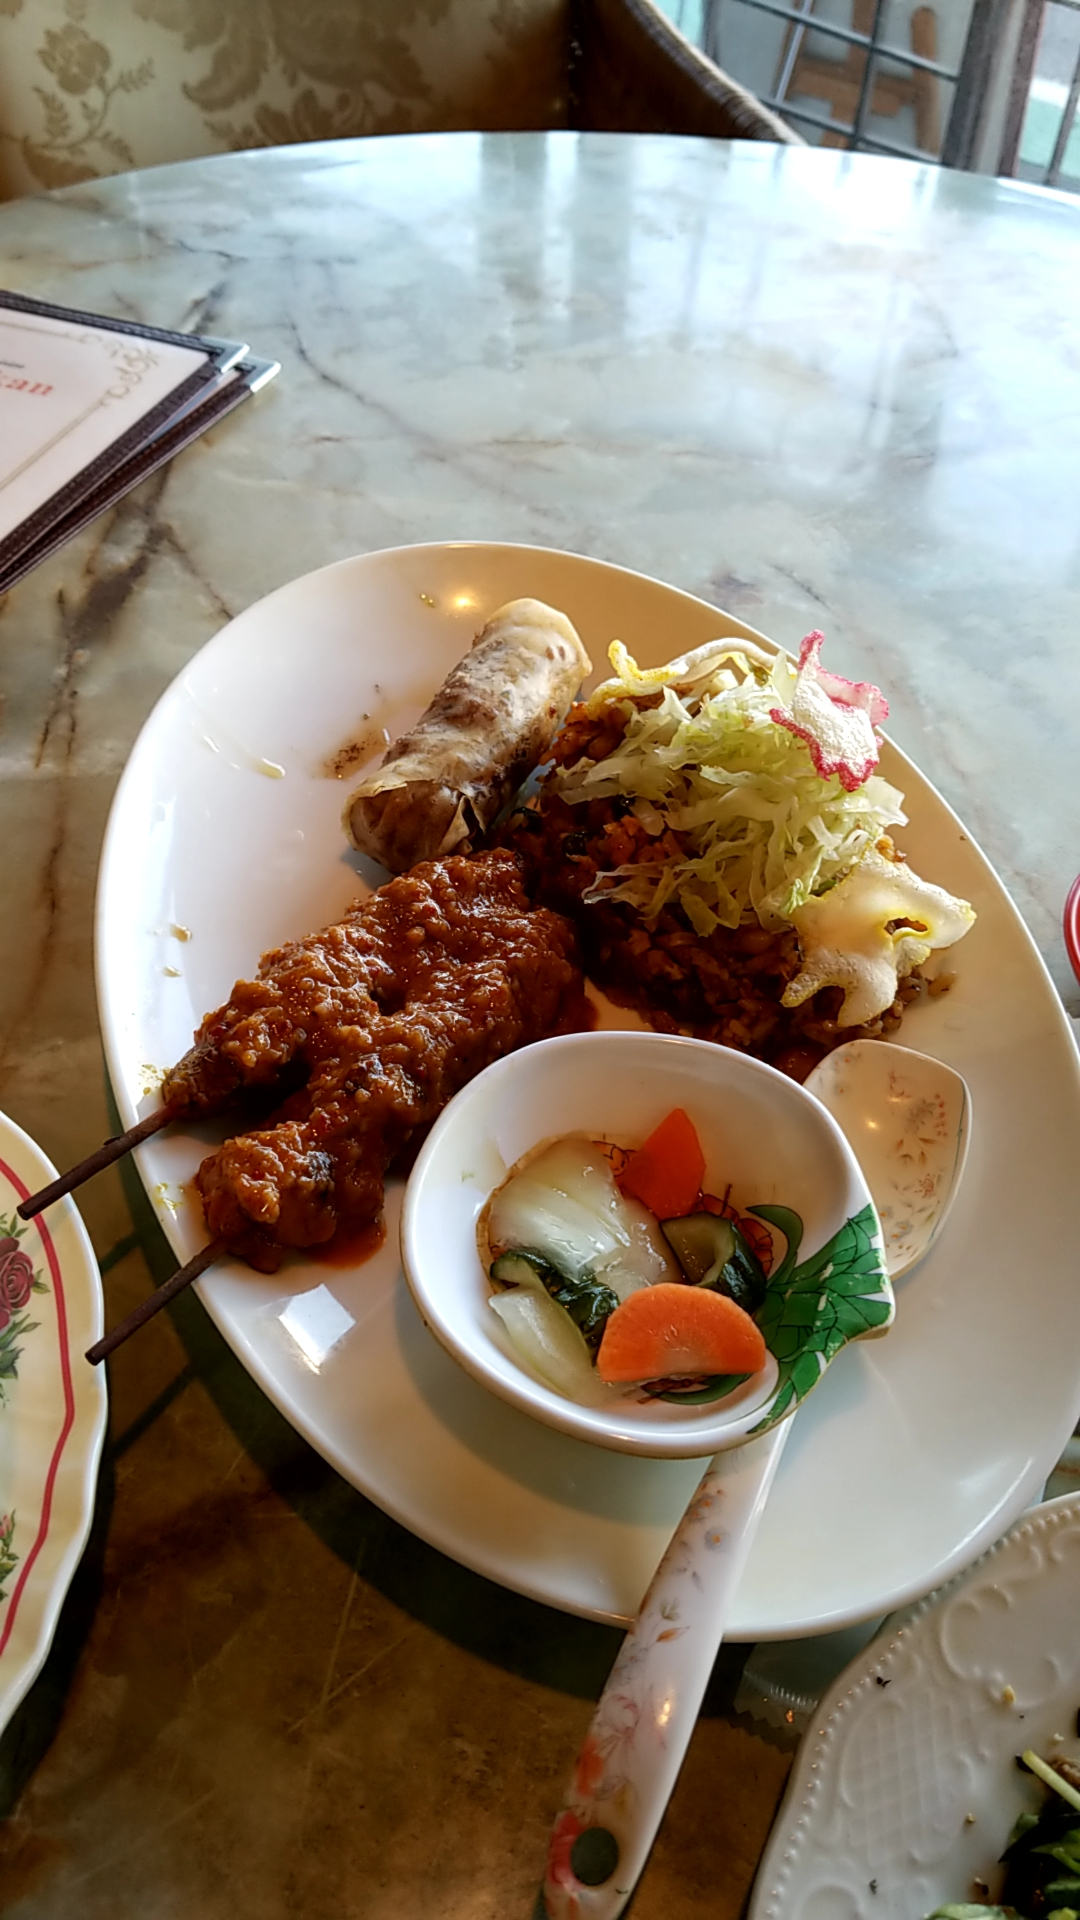 シンガポール料理食べてきました🎵